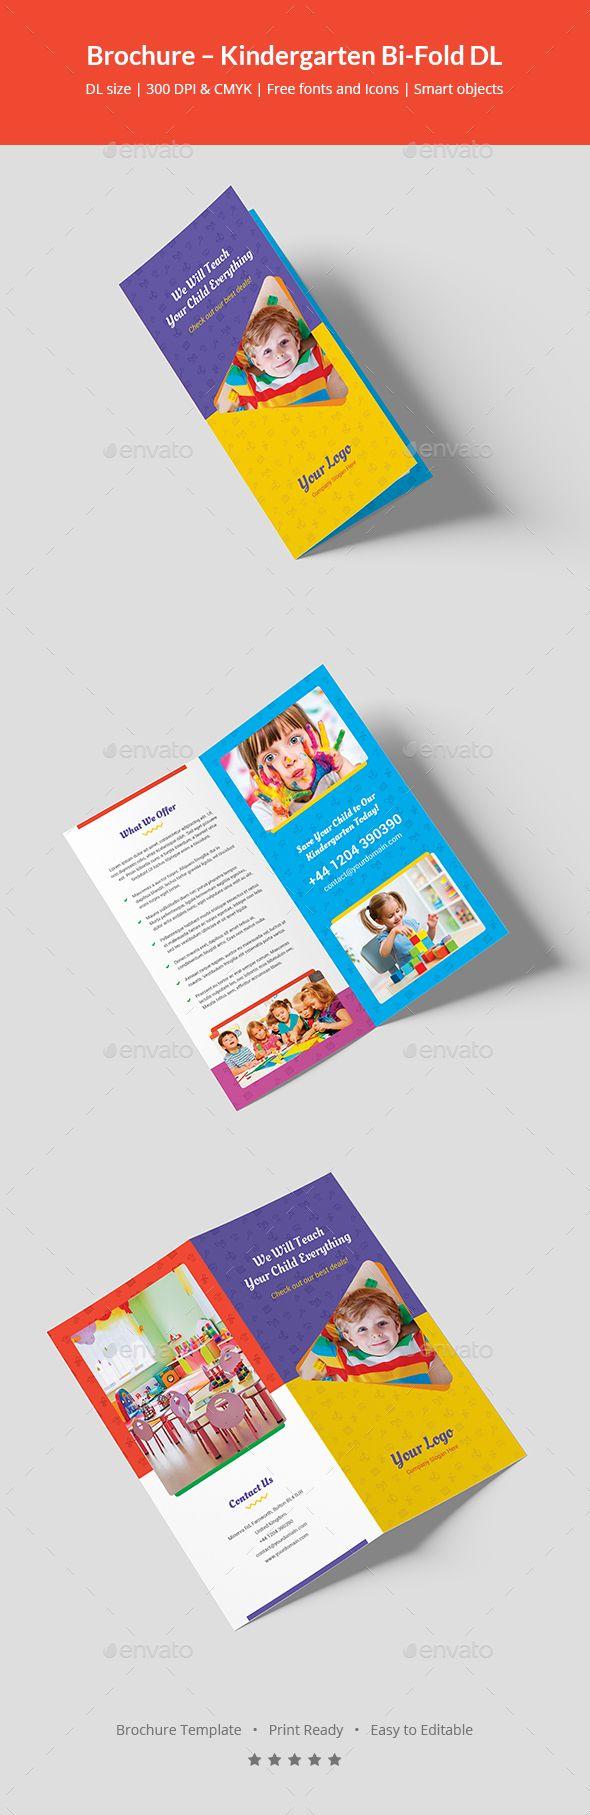 Brochure  Kindergarten BiFold Dl  Brochures Brochure Template